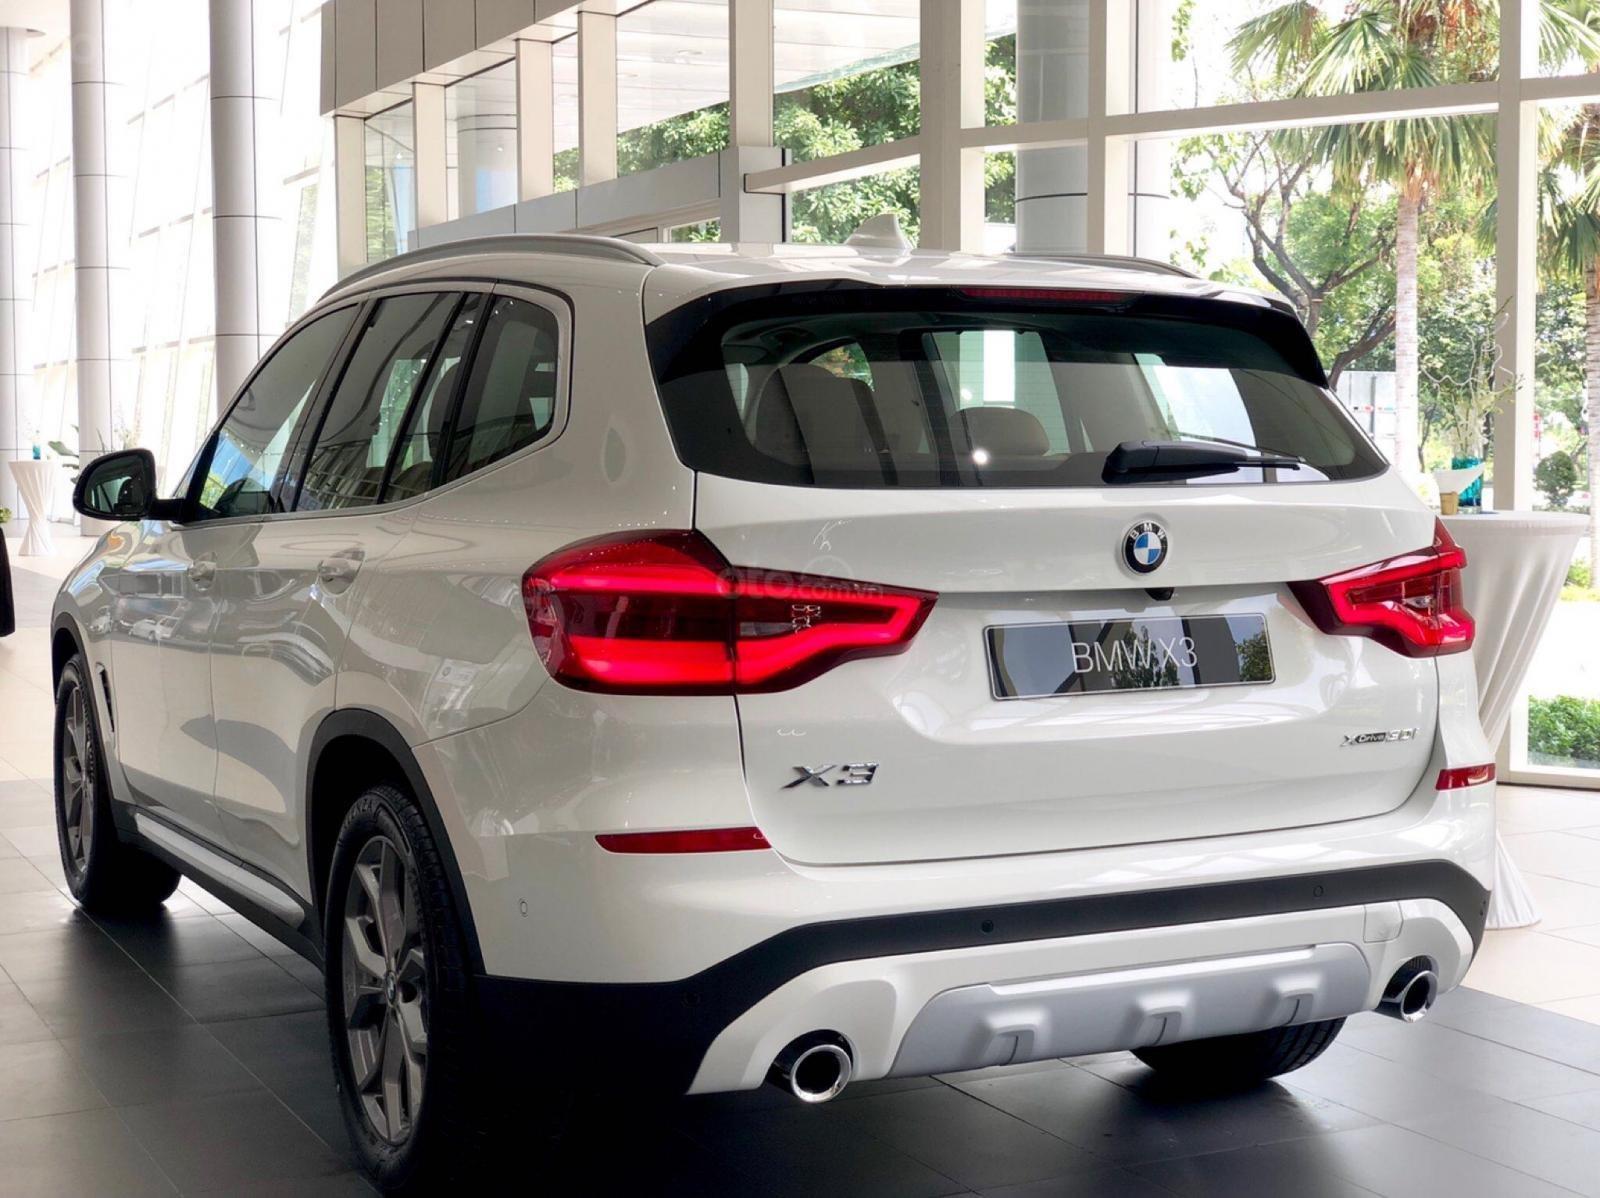 BMW X3 thế hệ mới, giá tốt nhất miền nam (6)